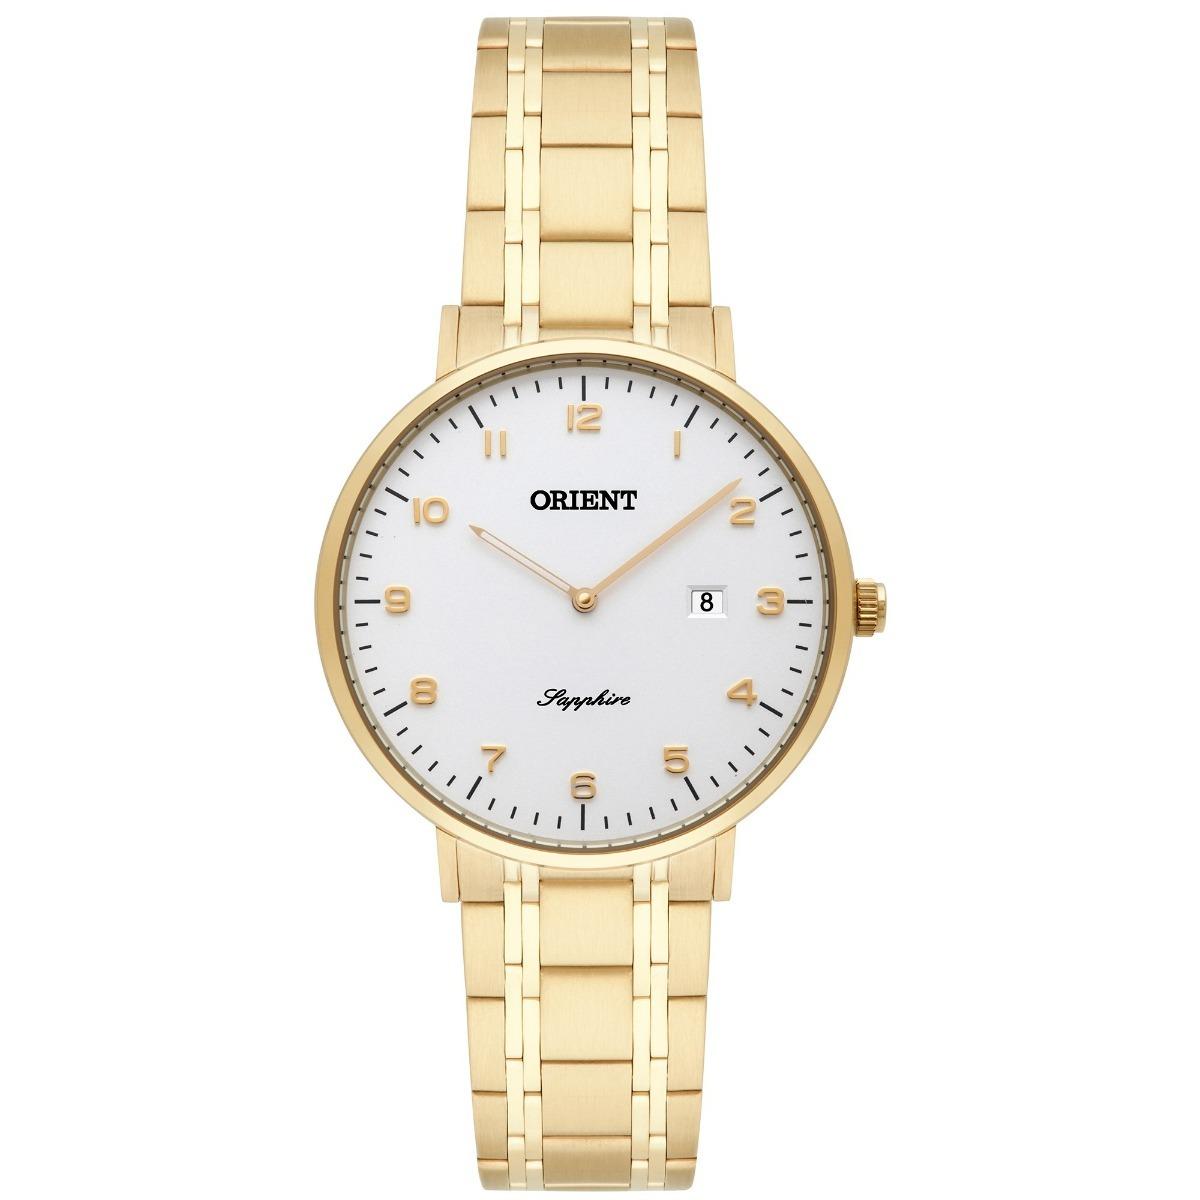 6aef45fbda380 Relógio Orient Feminino Slim Vidro Safira Fgsss003 Original - R  614,00 em  Mercado Livre